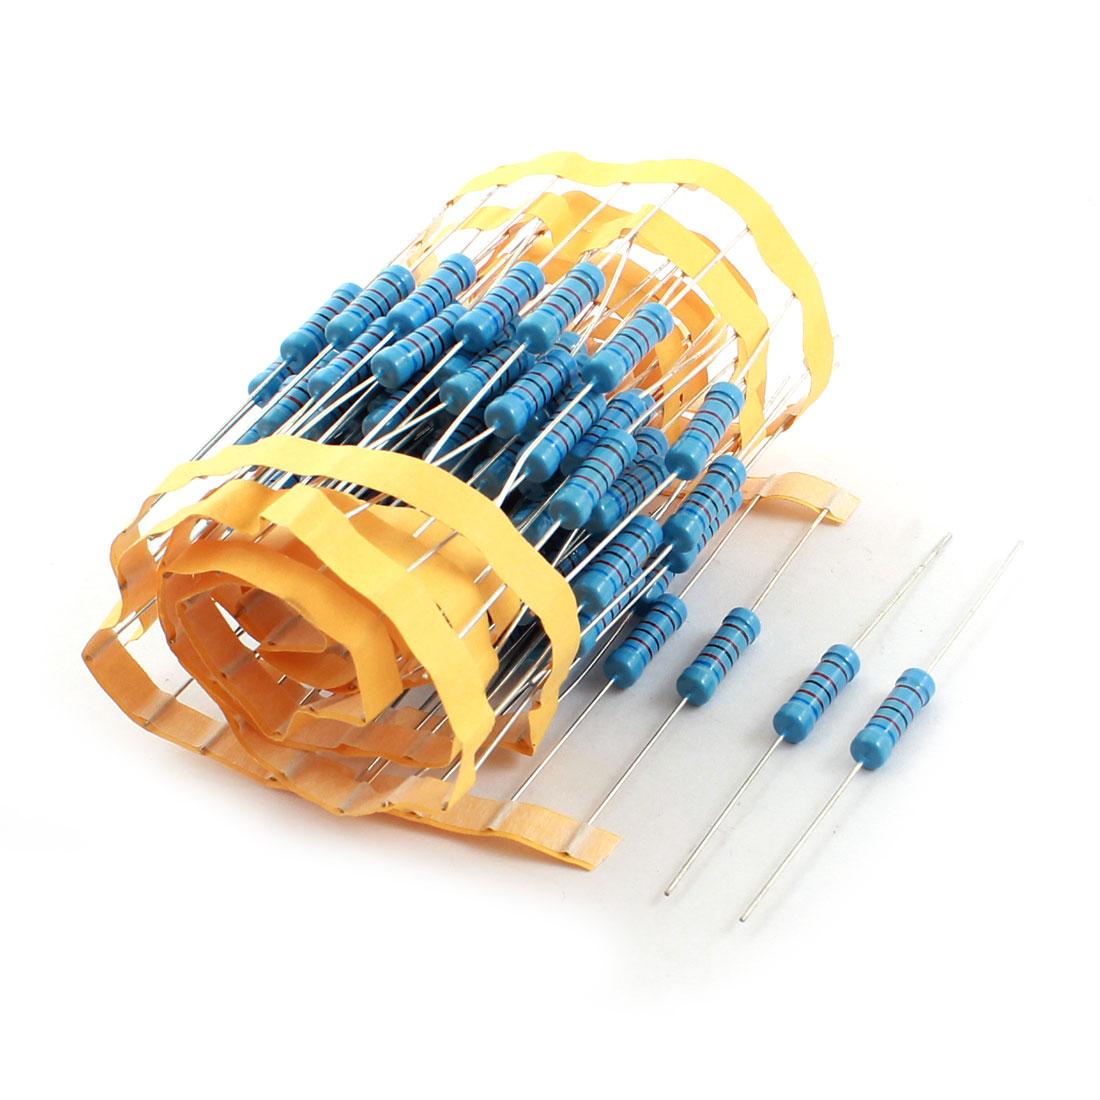 100pcs Axial Lead Metal Oxide Film Resistor 62K Ohm 1% Tolerance 2W Blue